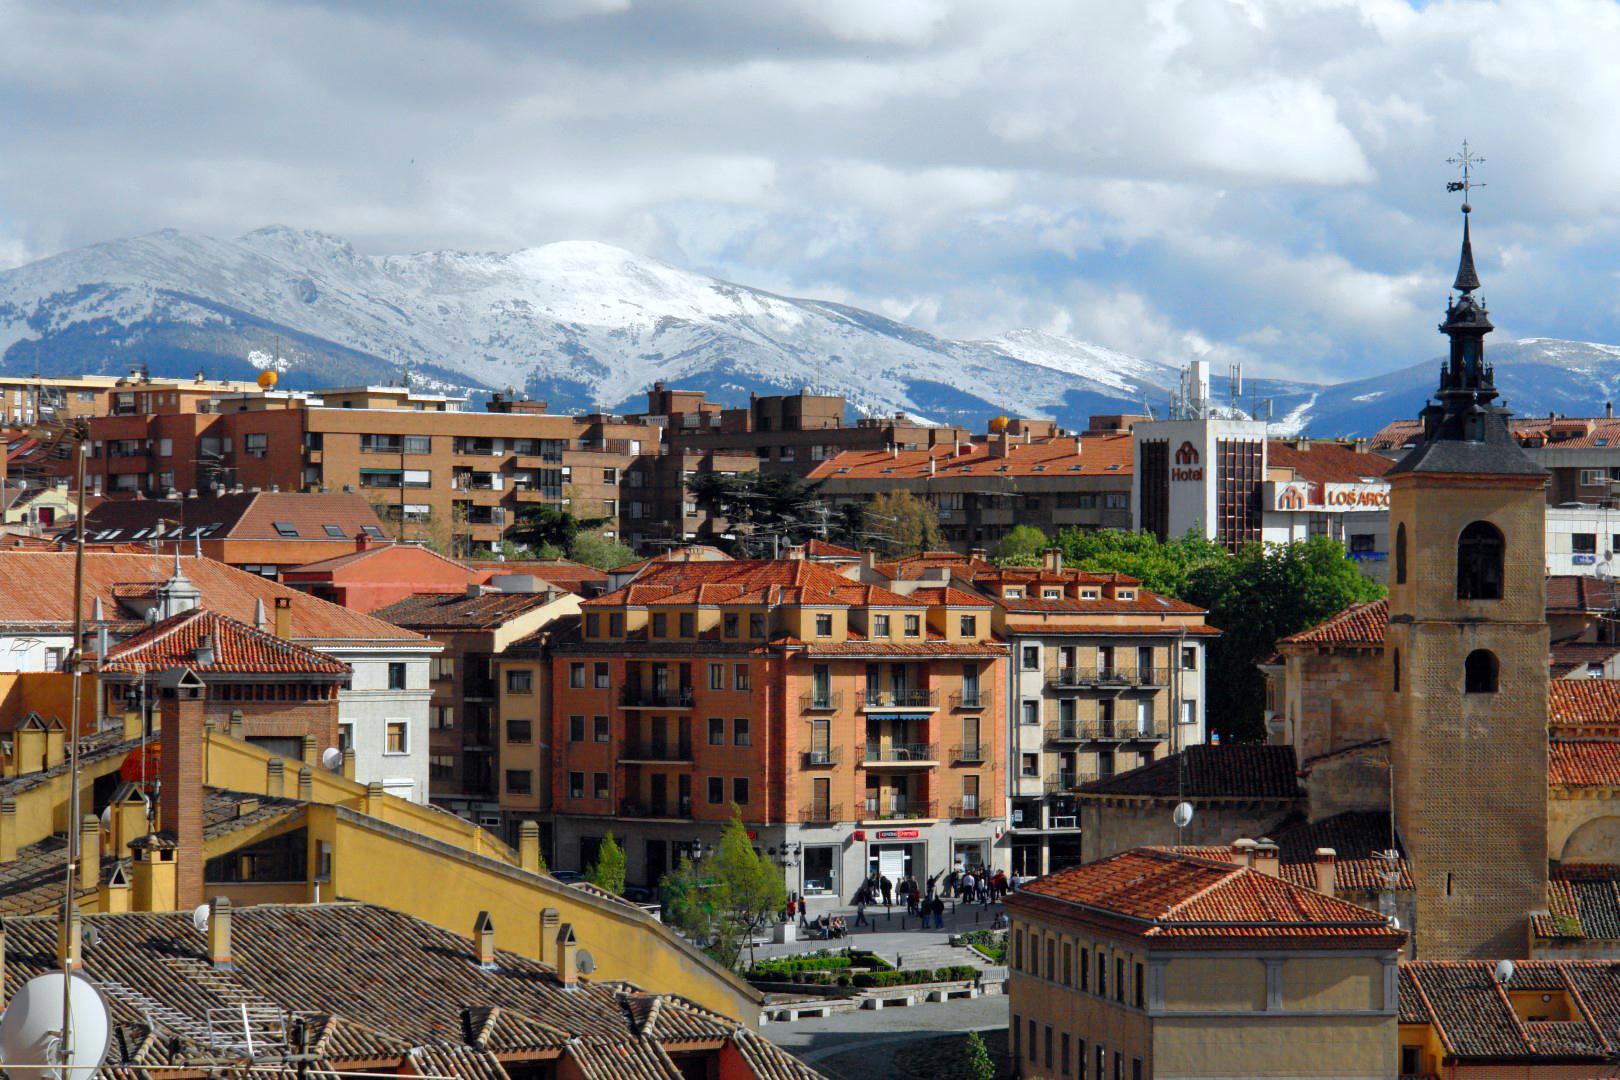 qué ver Segovia, España qué ver en segovia - 30730786640 386cf99c1a o - Qué ver en Segovia, España